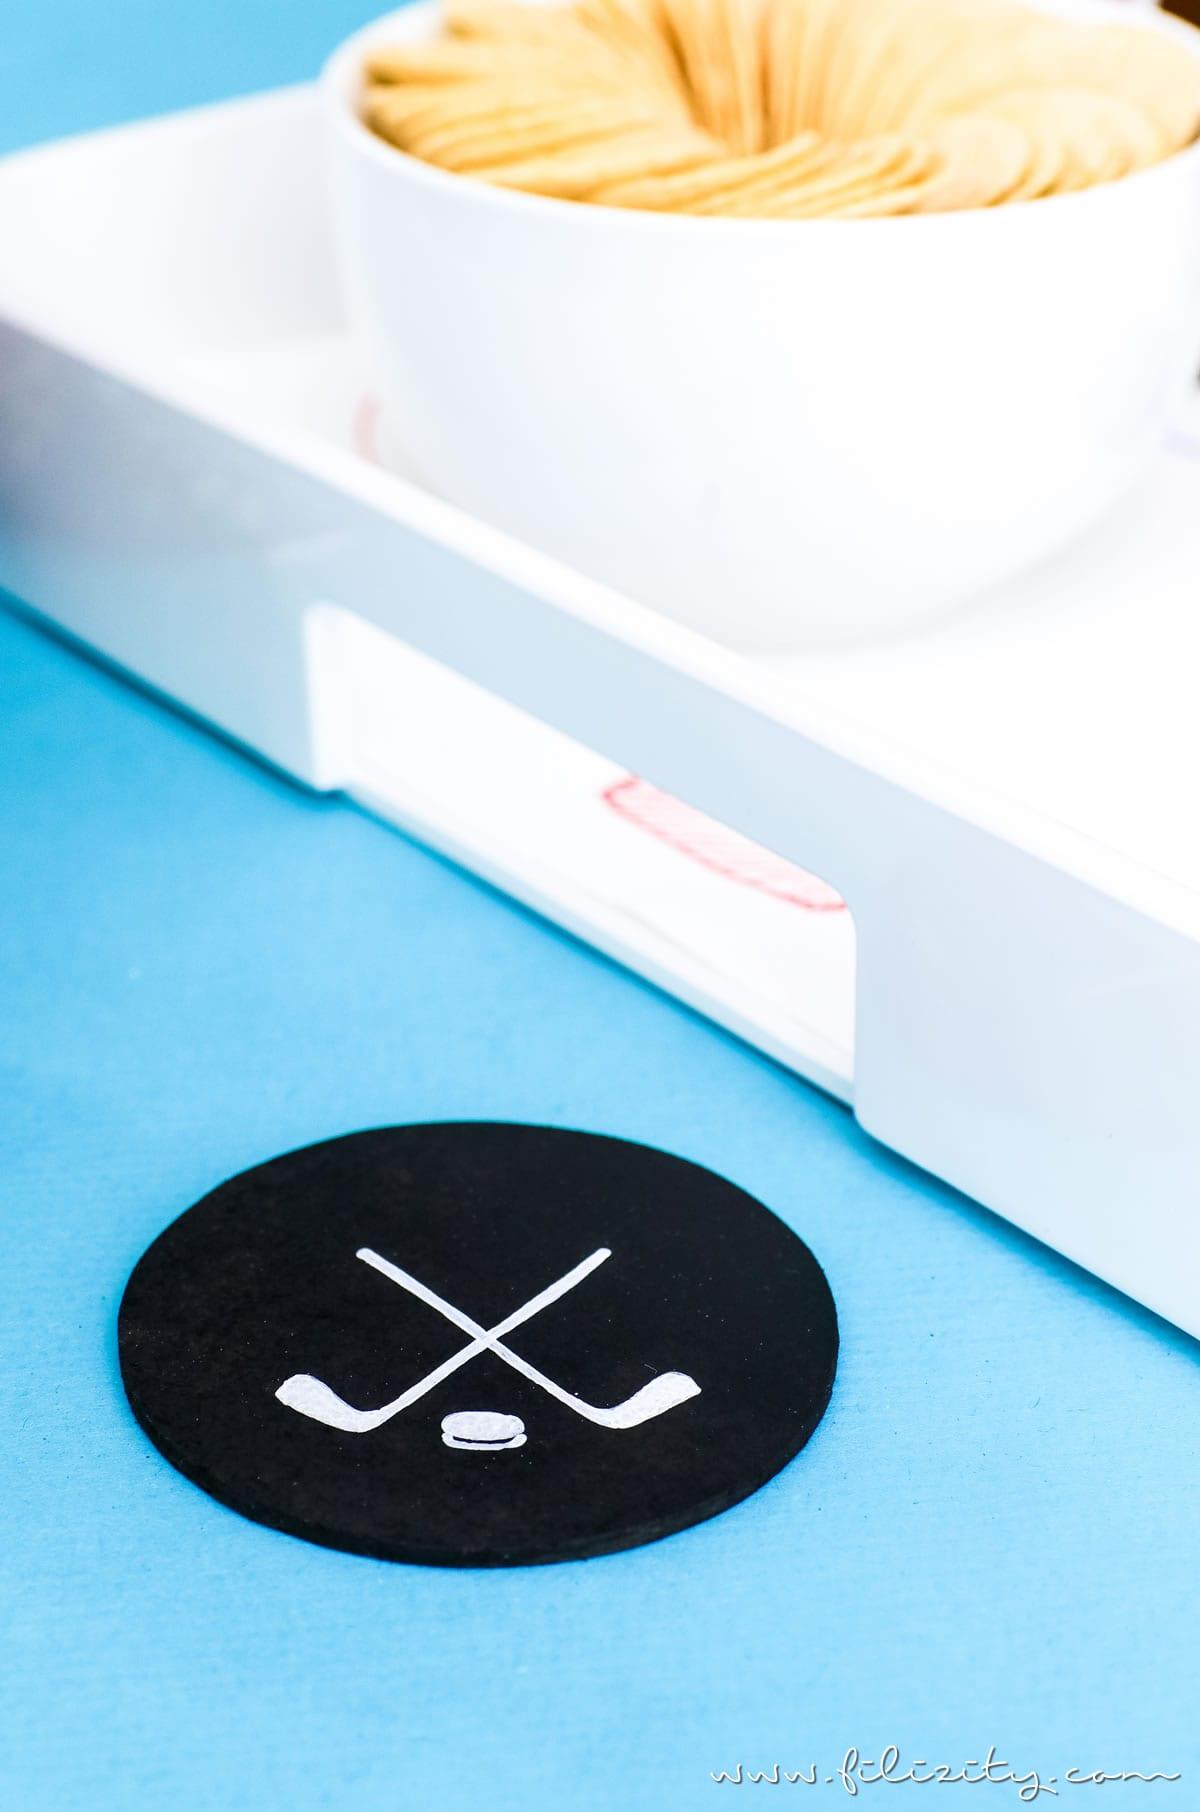 Deko Ideen für die Eishockey WM zum Selbermachen | DIY Eishockeyfeld-Tablett und Puck-Untersetzer für Eishockey Fans | Filizity.com | DIY-Blog aus dem Rheinland #eishockey #hockey #icehockey #party